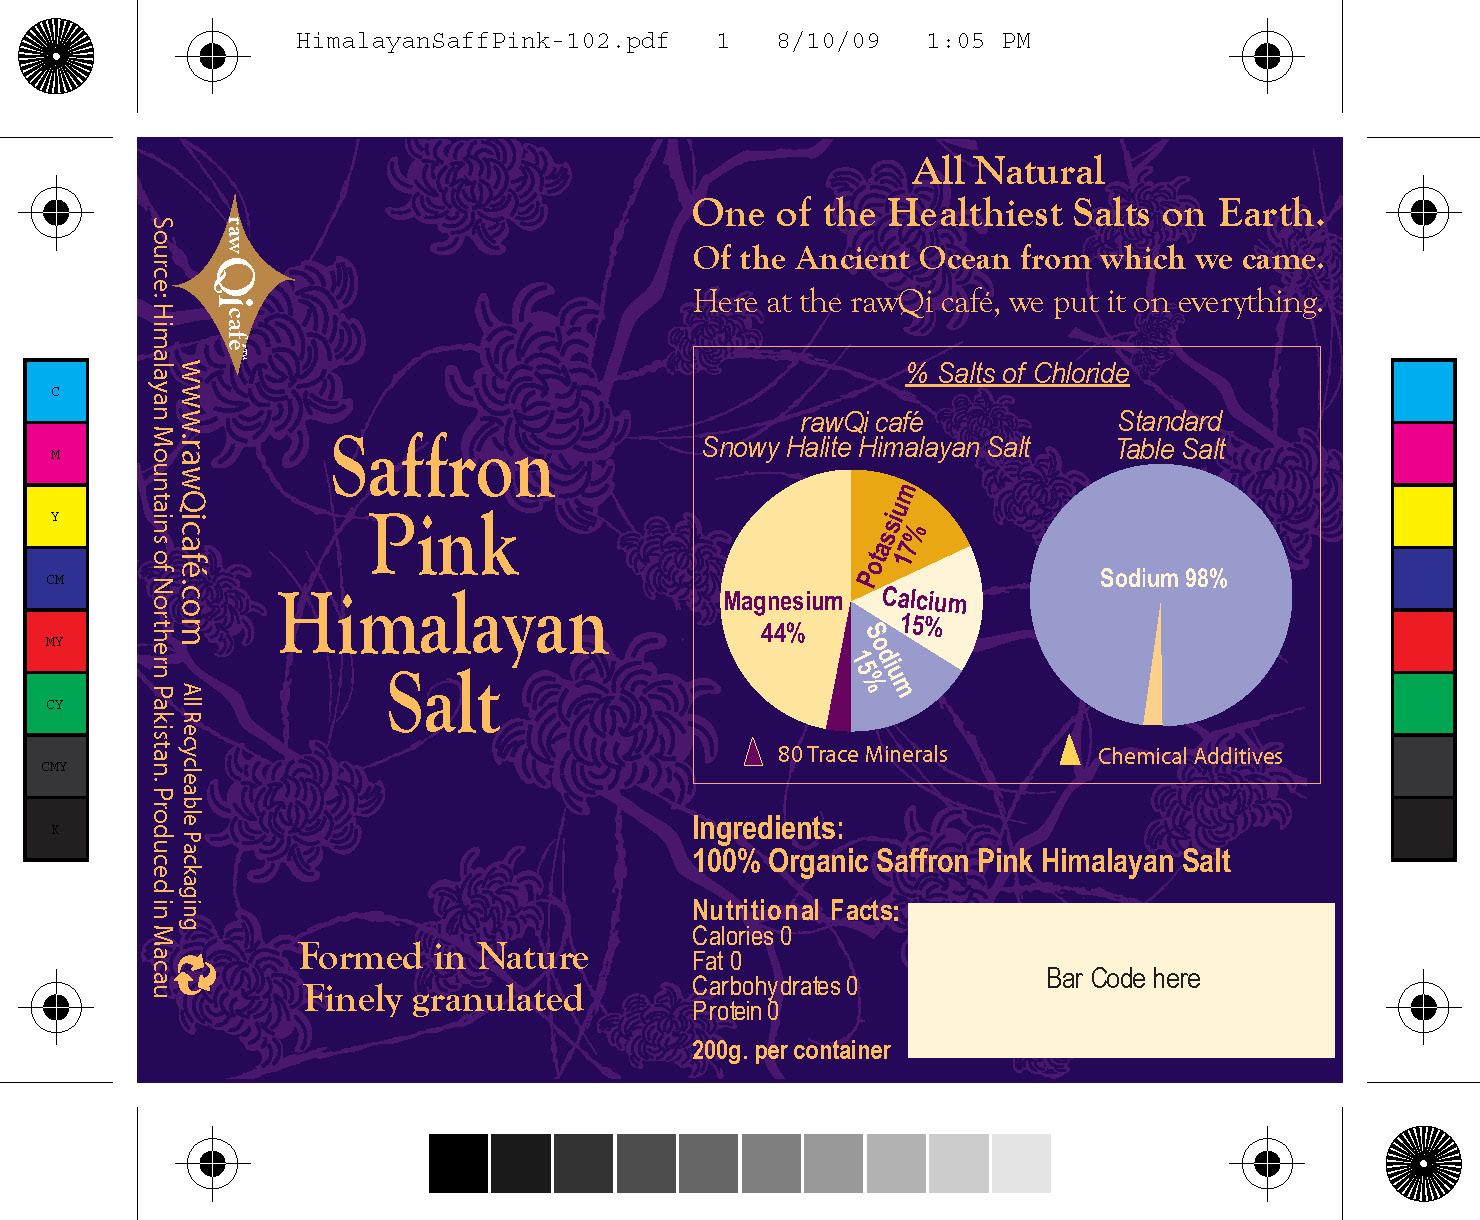 Saffron Pink Himalayan Salt label